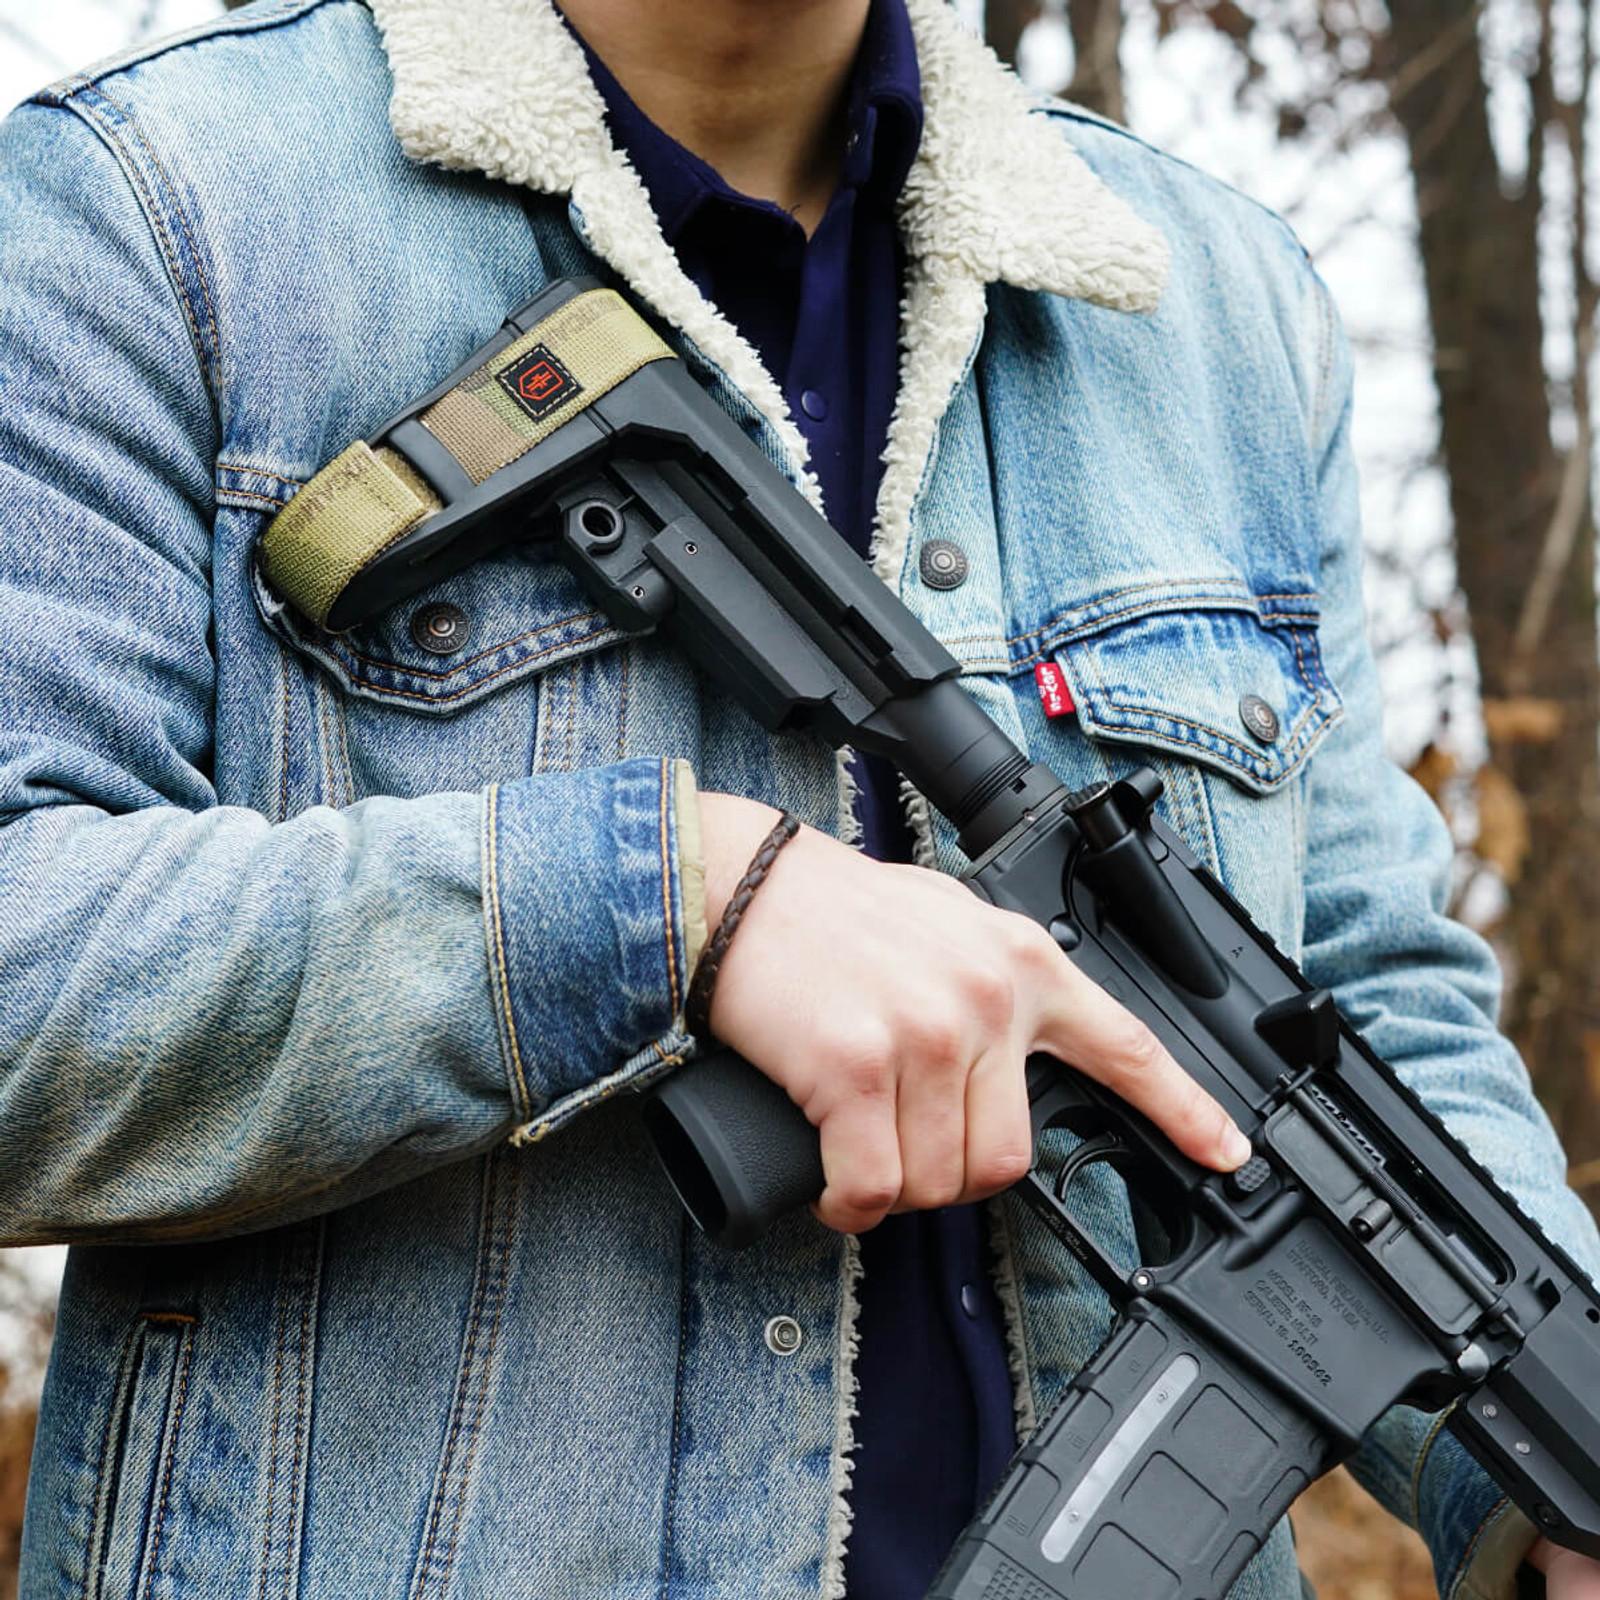 WPS Pistol Brace Strap